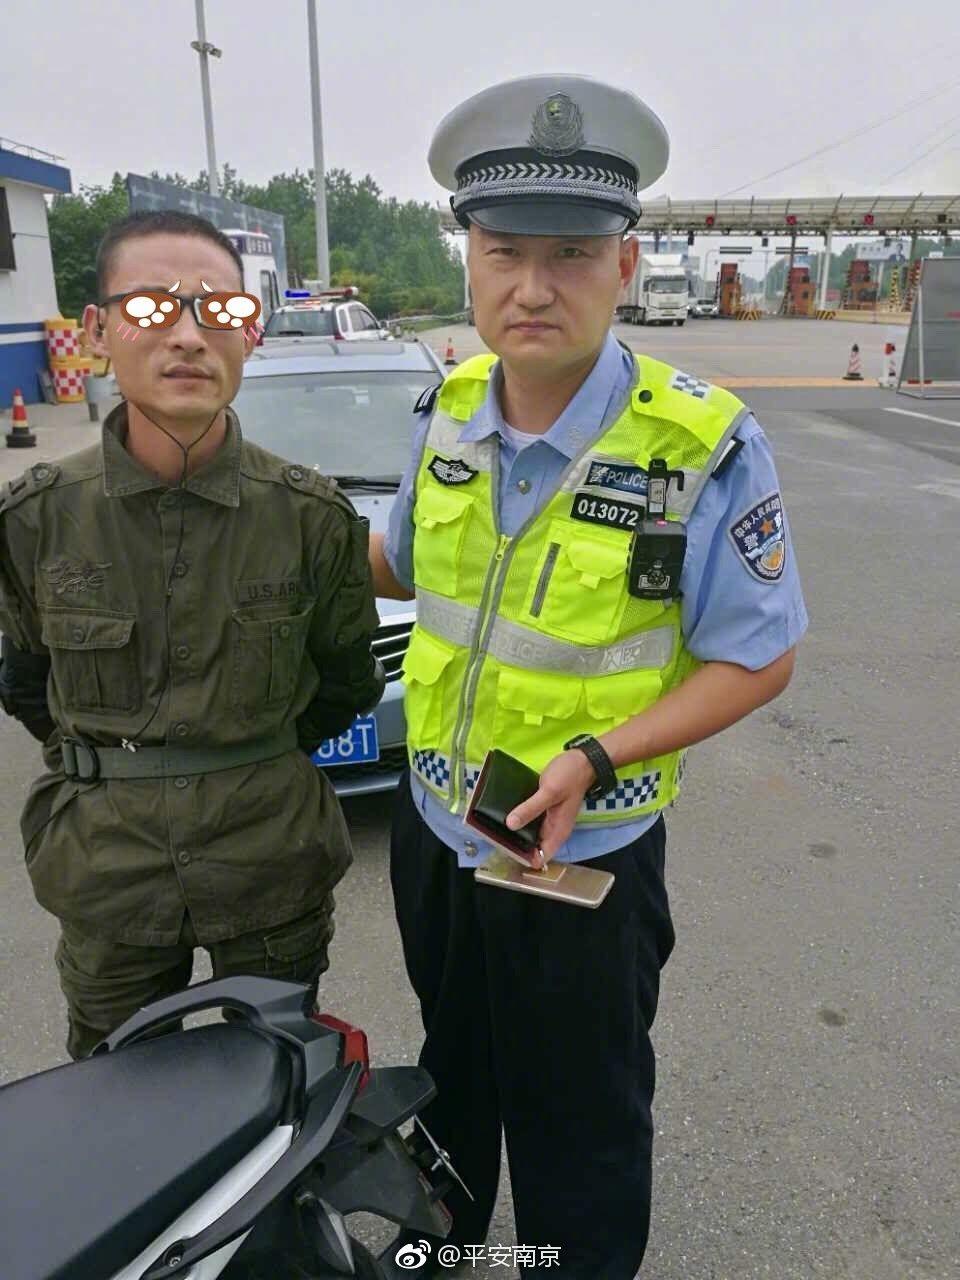 Ein gewitzter Verkehrssünder, der an den Polizisten scheitern musste. Die Verfälschung stammt von der chinesischen Polizei.